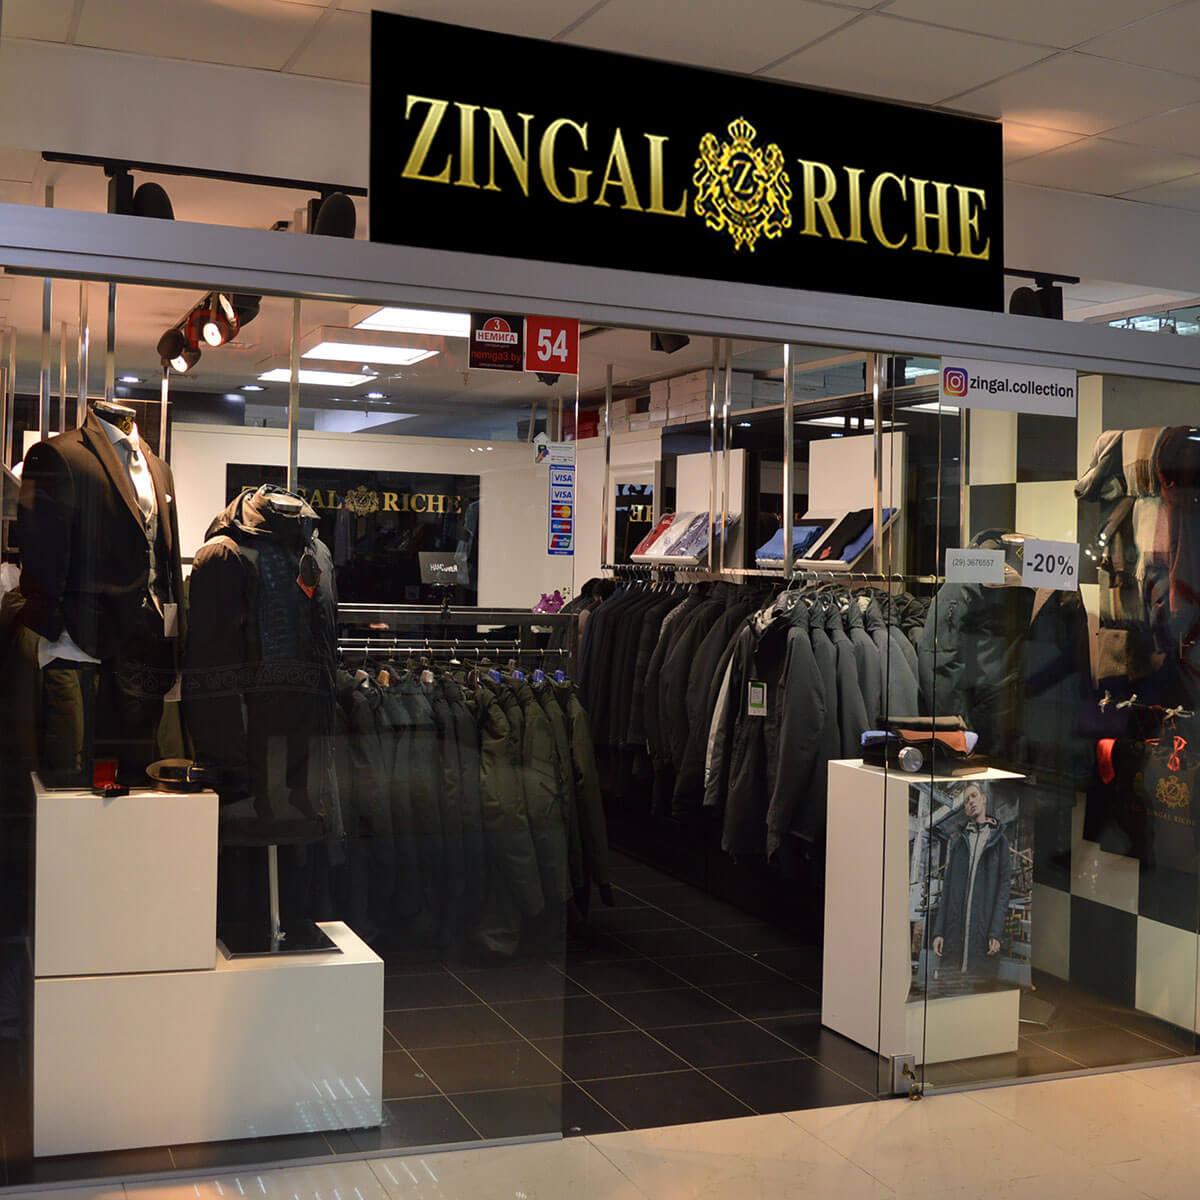 «Zingal Riche» на 2-м этаже в павильоне №54 в Торговом Центре Немига 3, г. Минск